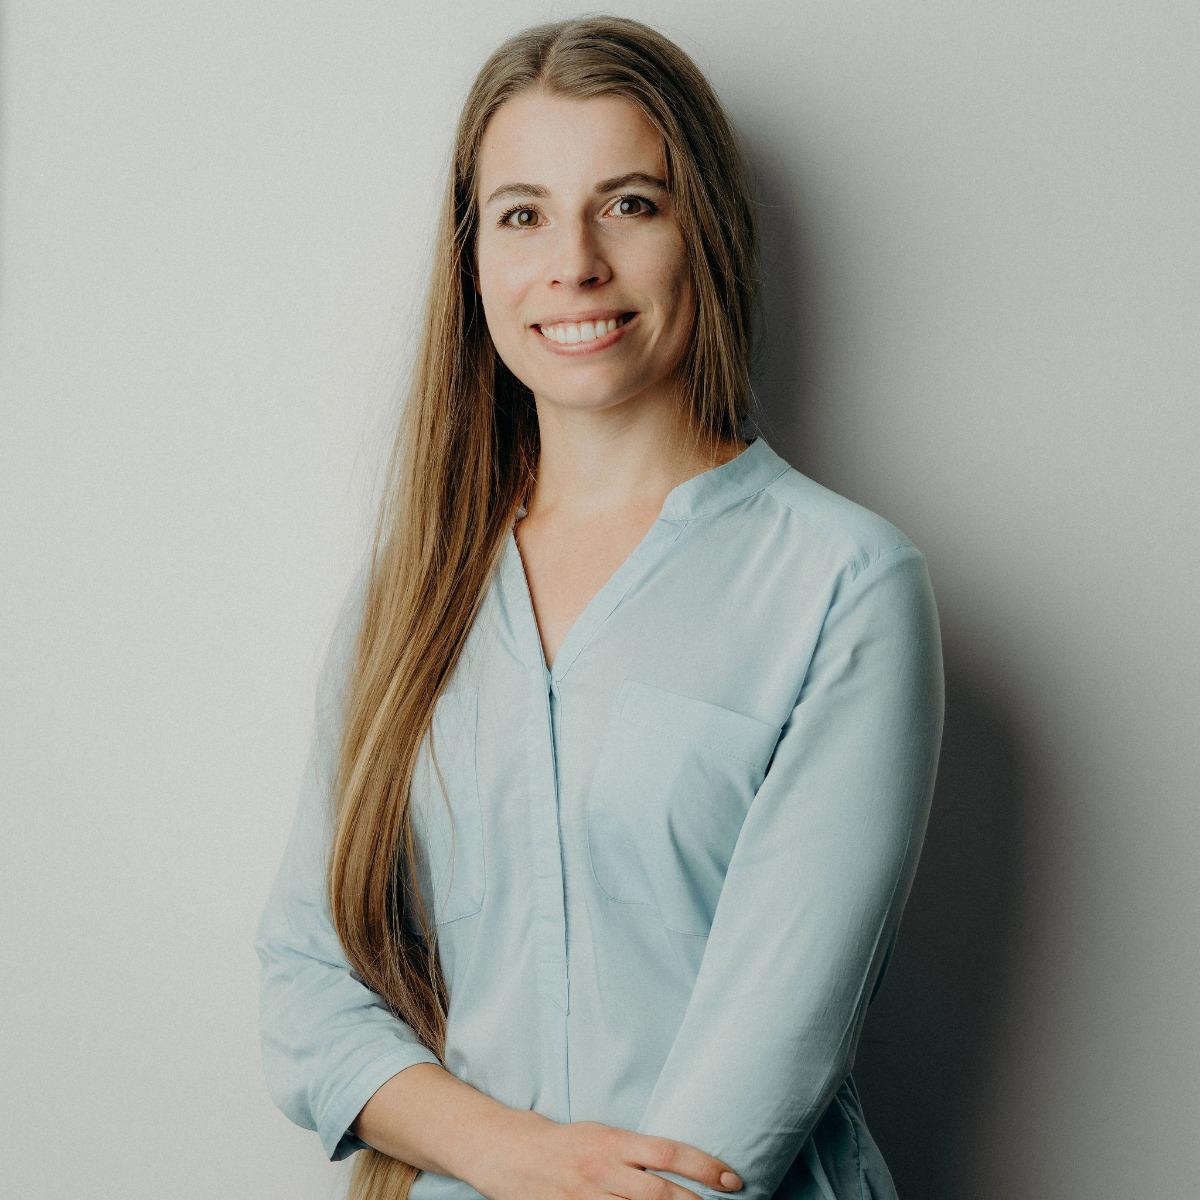 Heidi Bürki